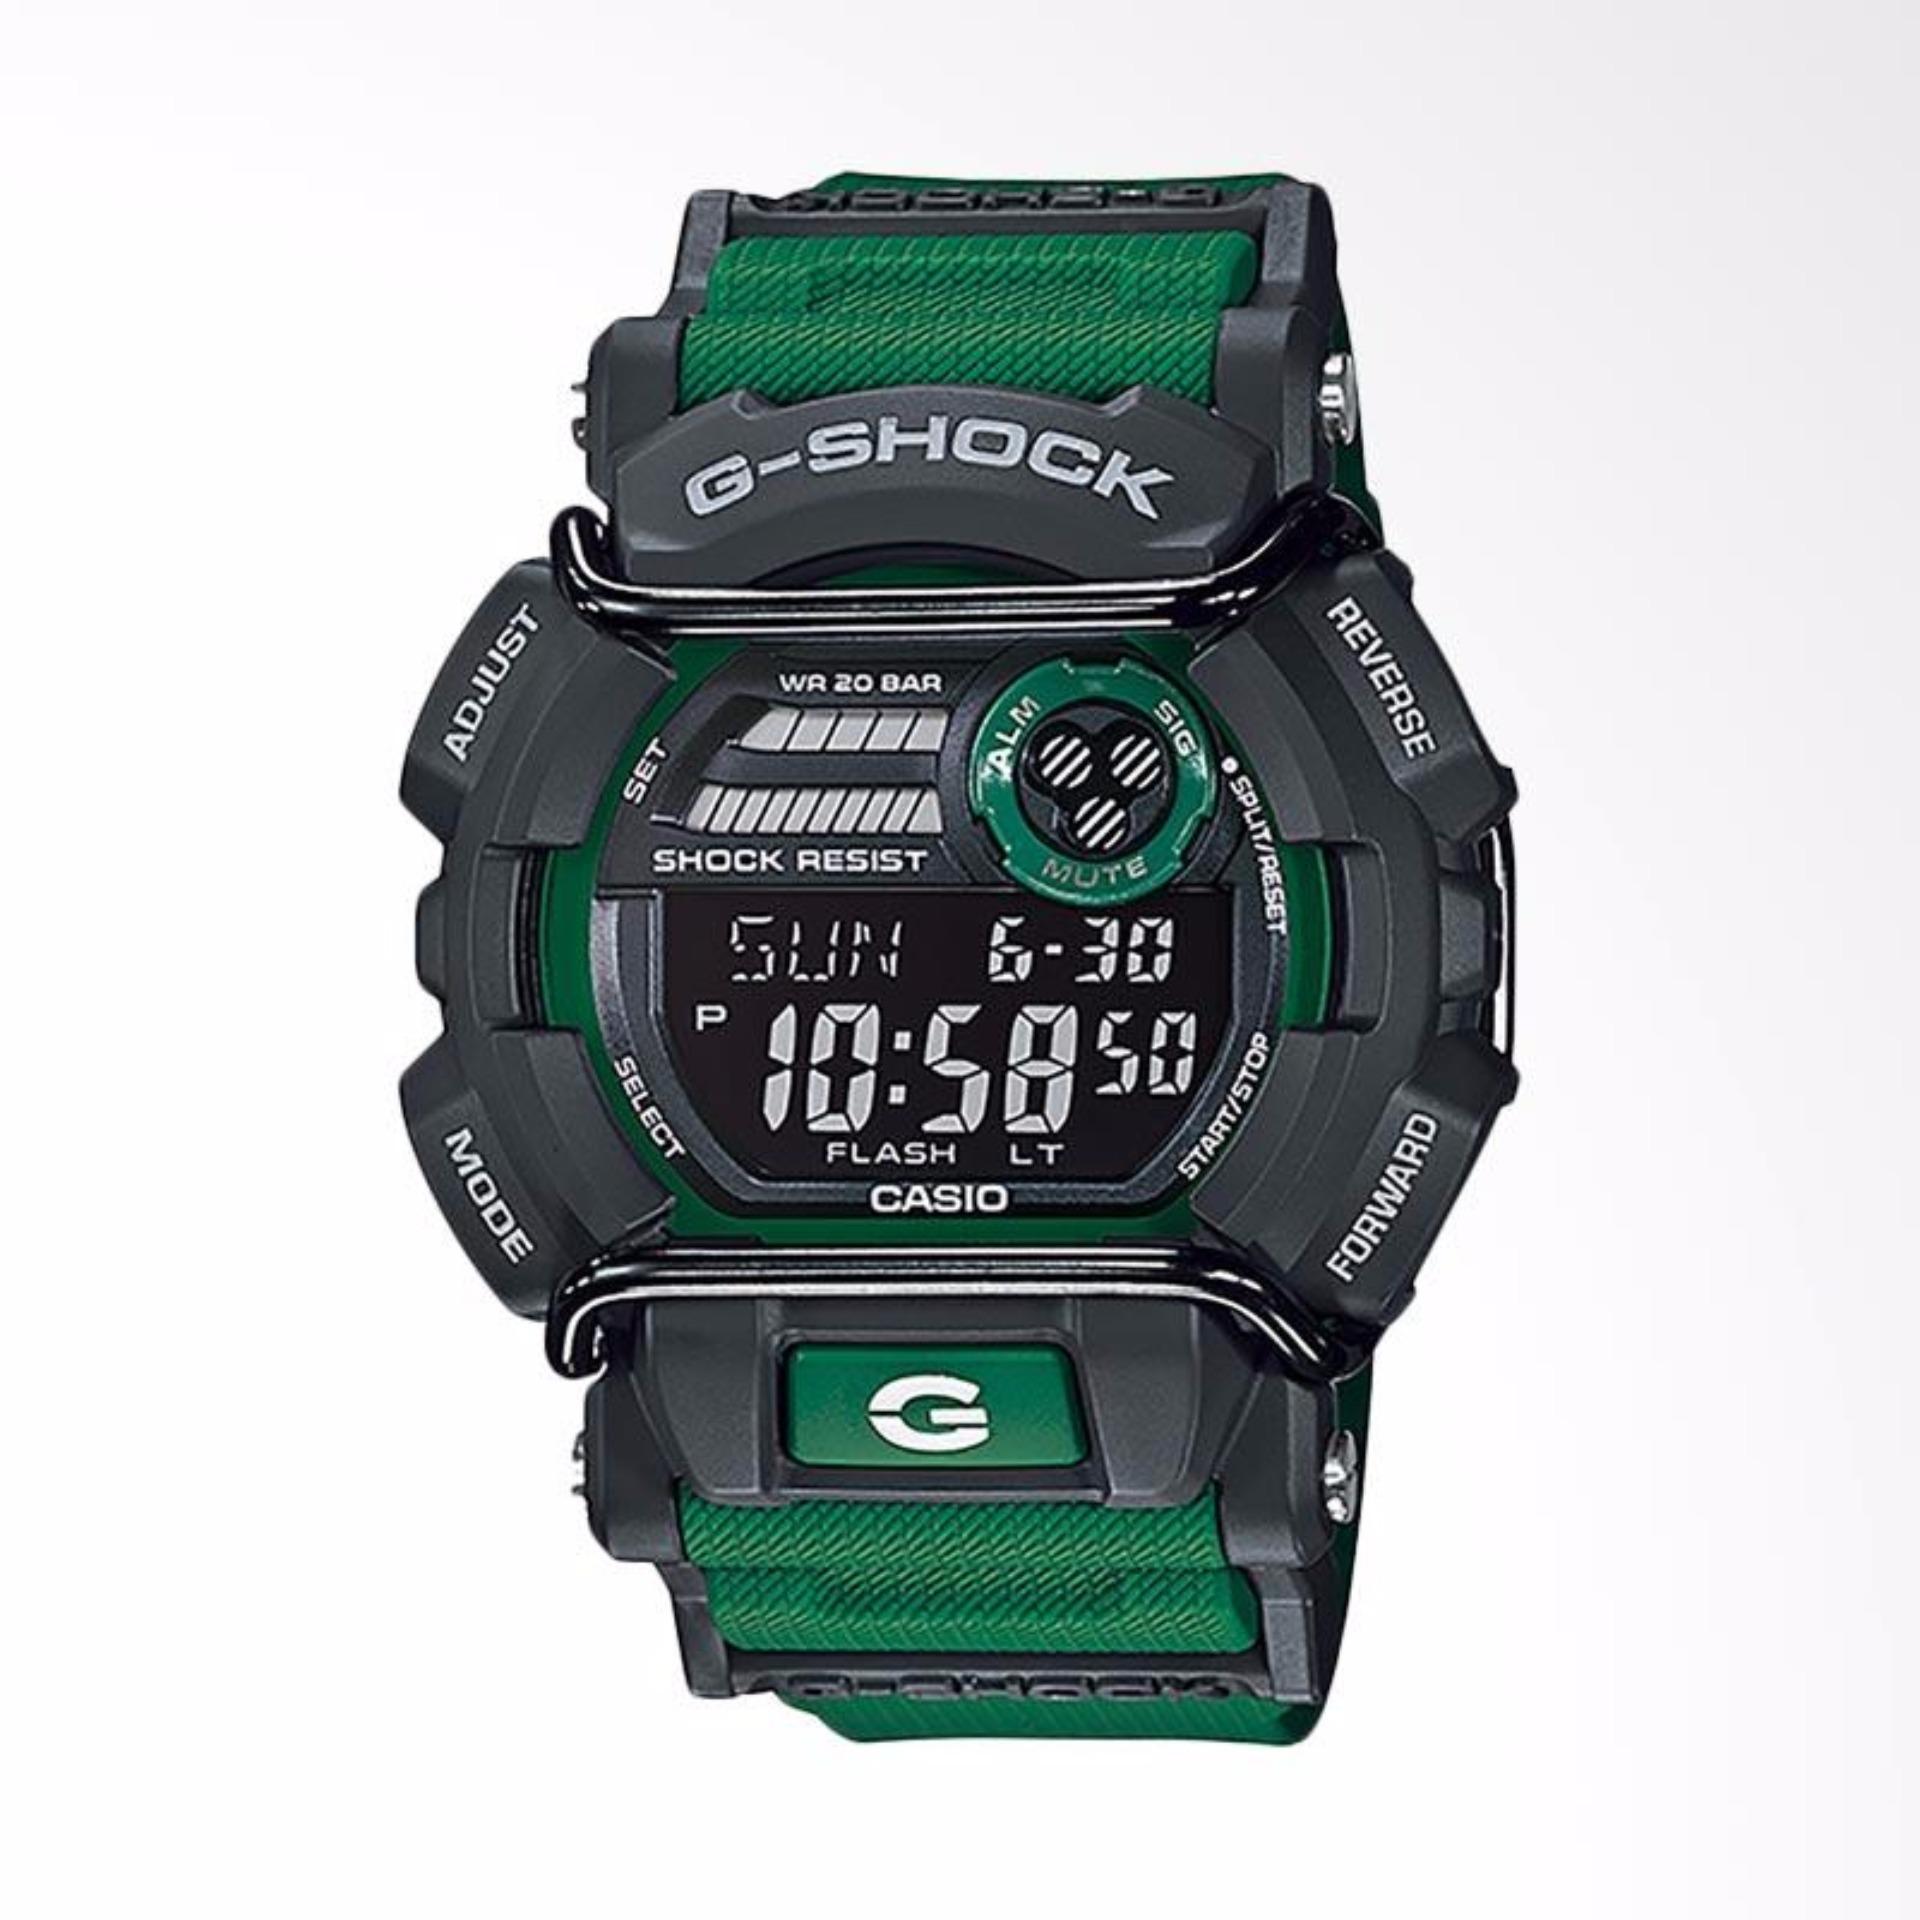 Casio G shock GD-400-3DR Original